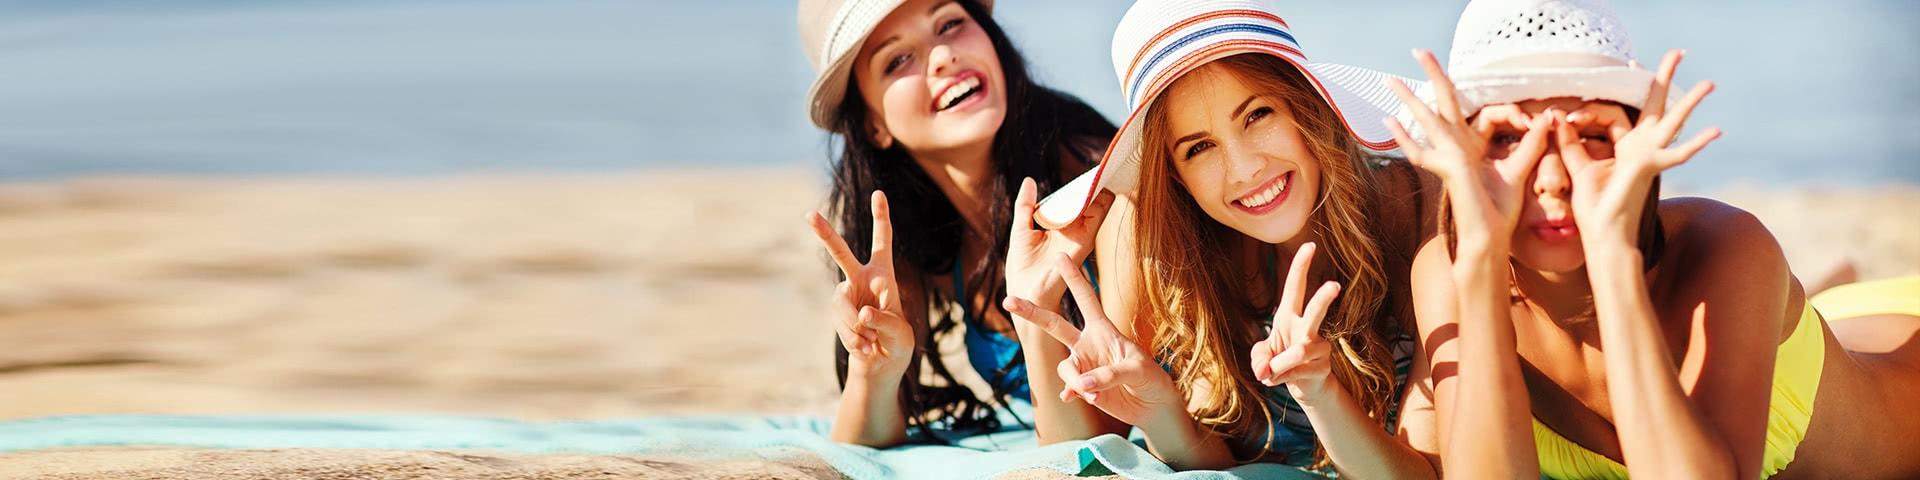 Drei fröhliche Frauen beim sonnen am Strand auf Mallorca